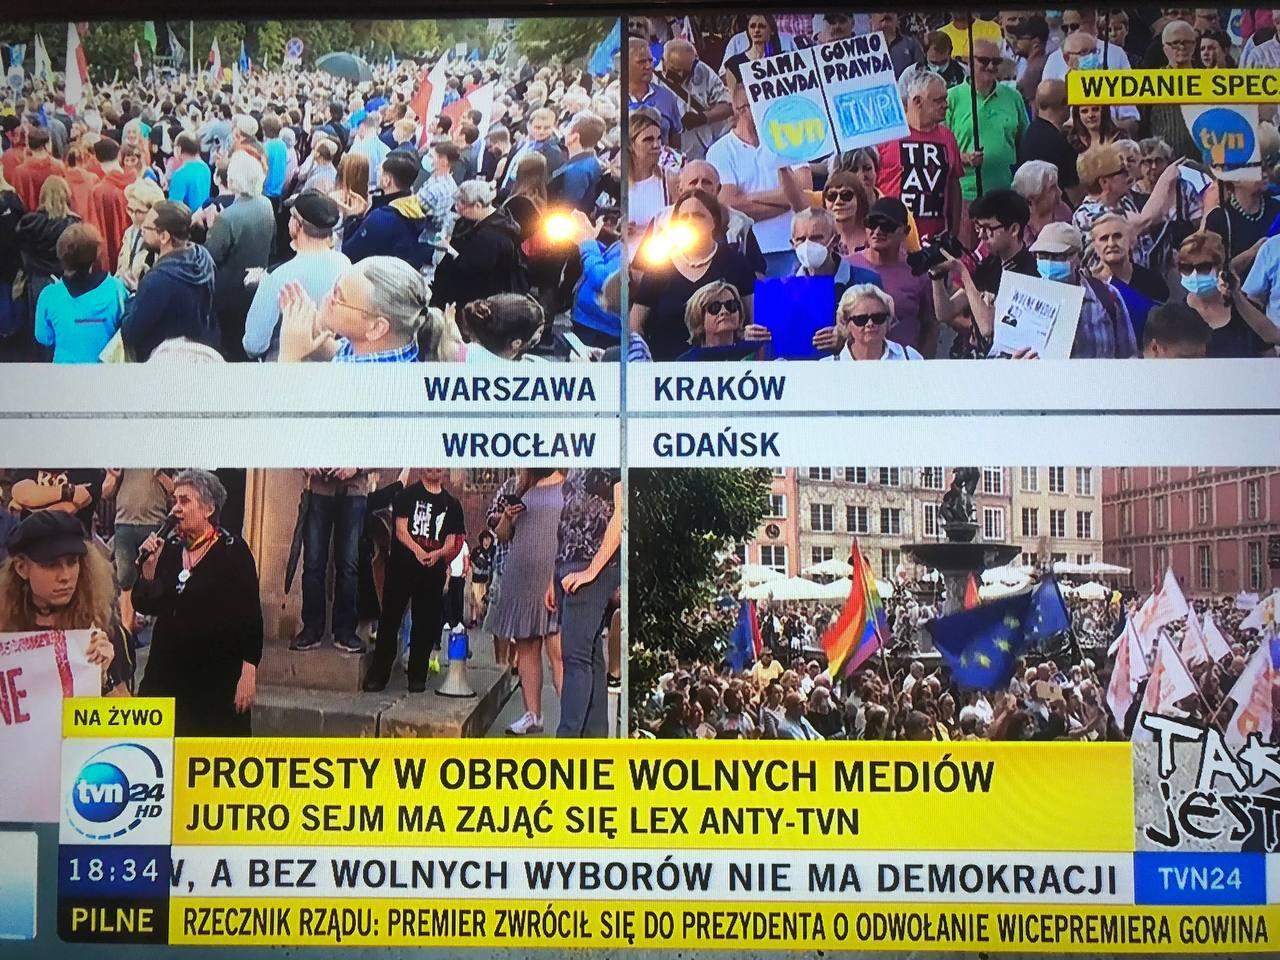 Gigantyczny protest pod Sejmem